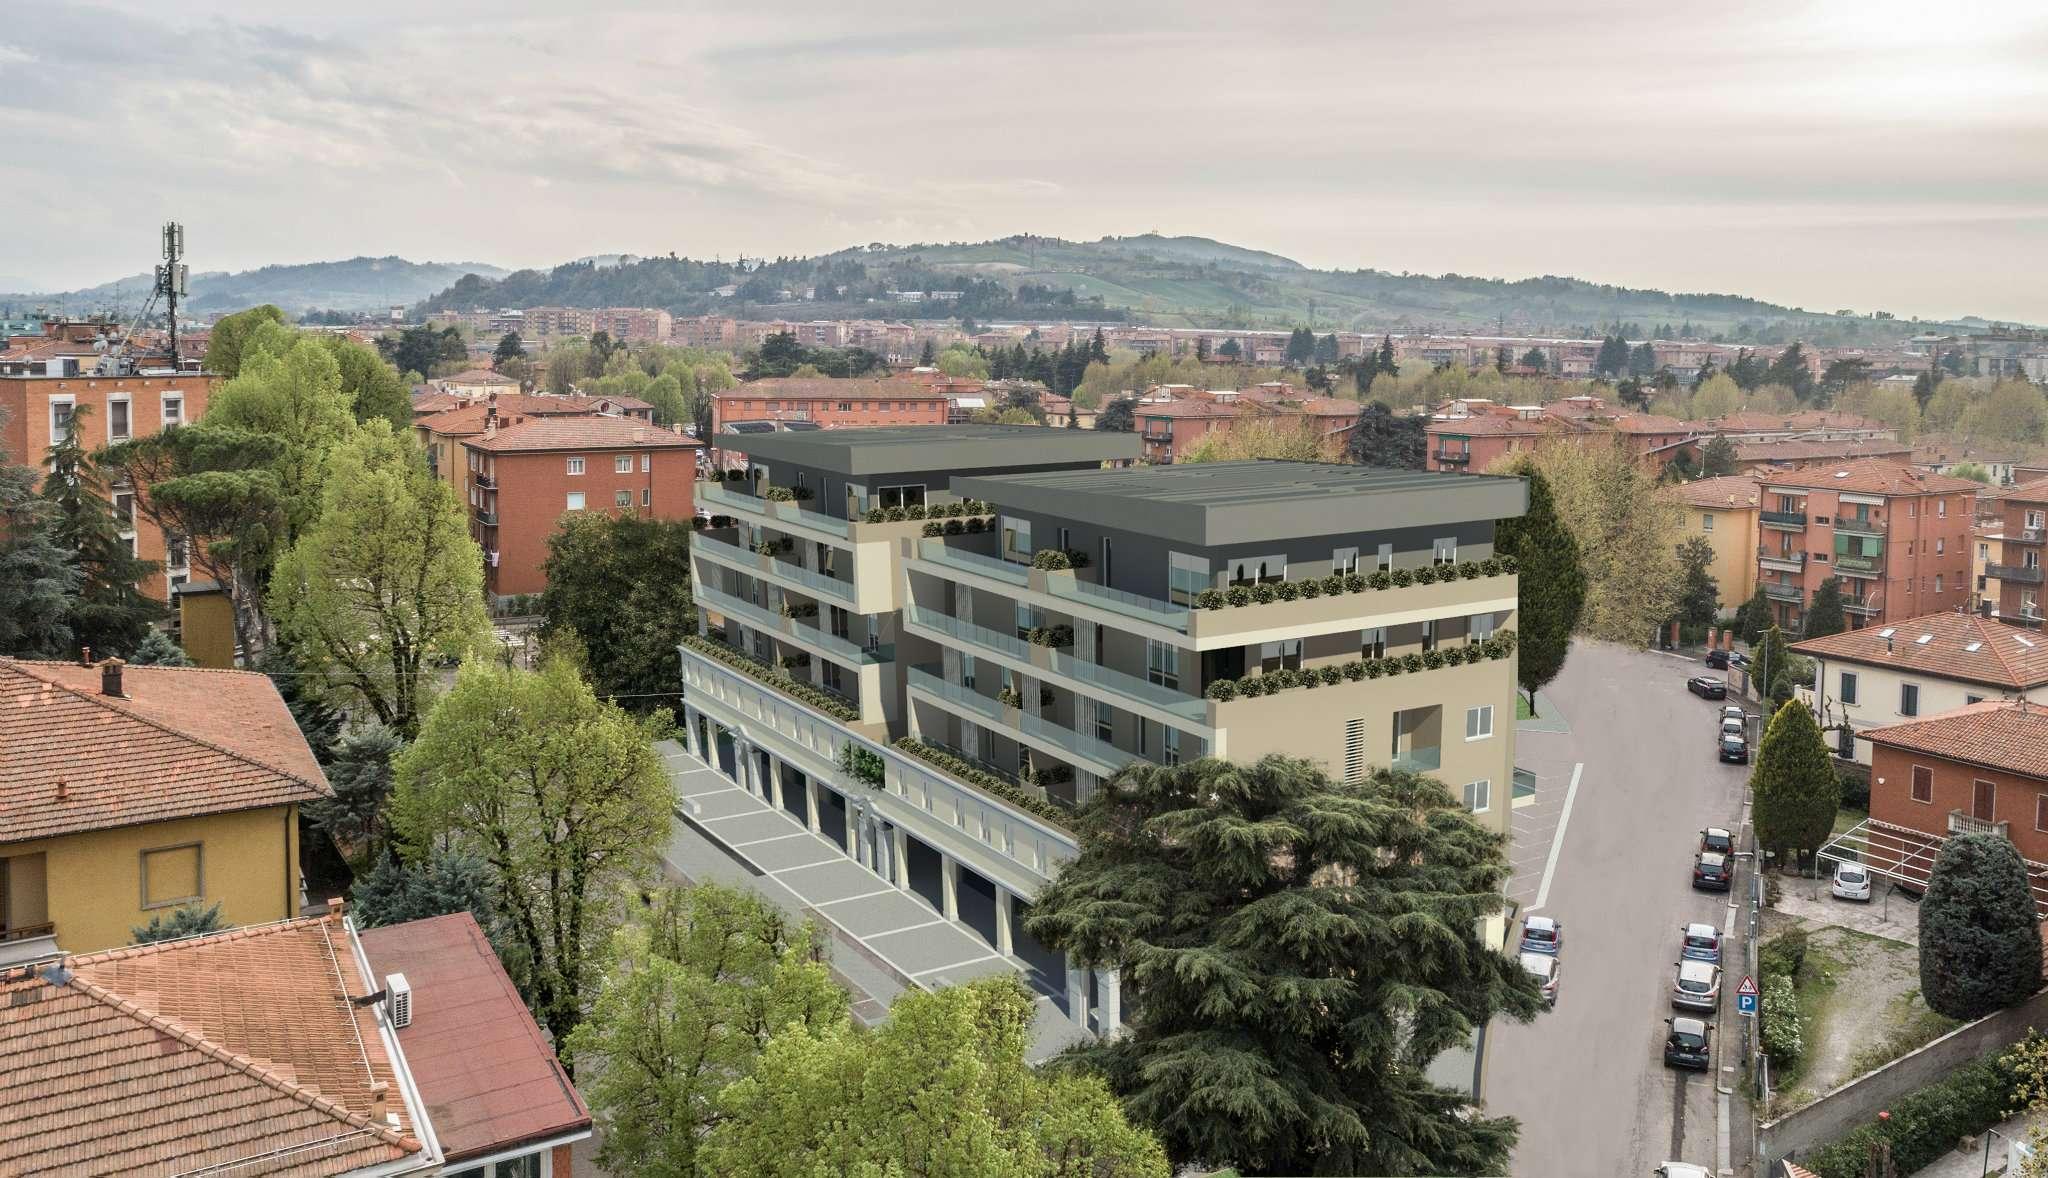 Appartamento in vendita a Casalecchio di Reno, 4 locali, prezzo € 460.000 | PortaleAgenzieImmobiliari.it